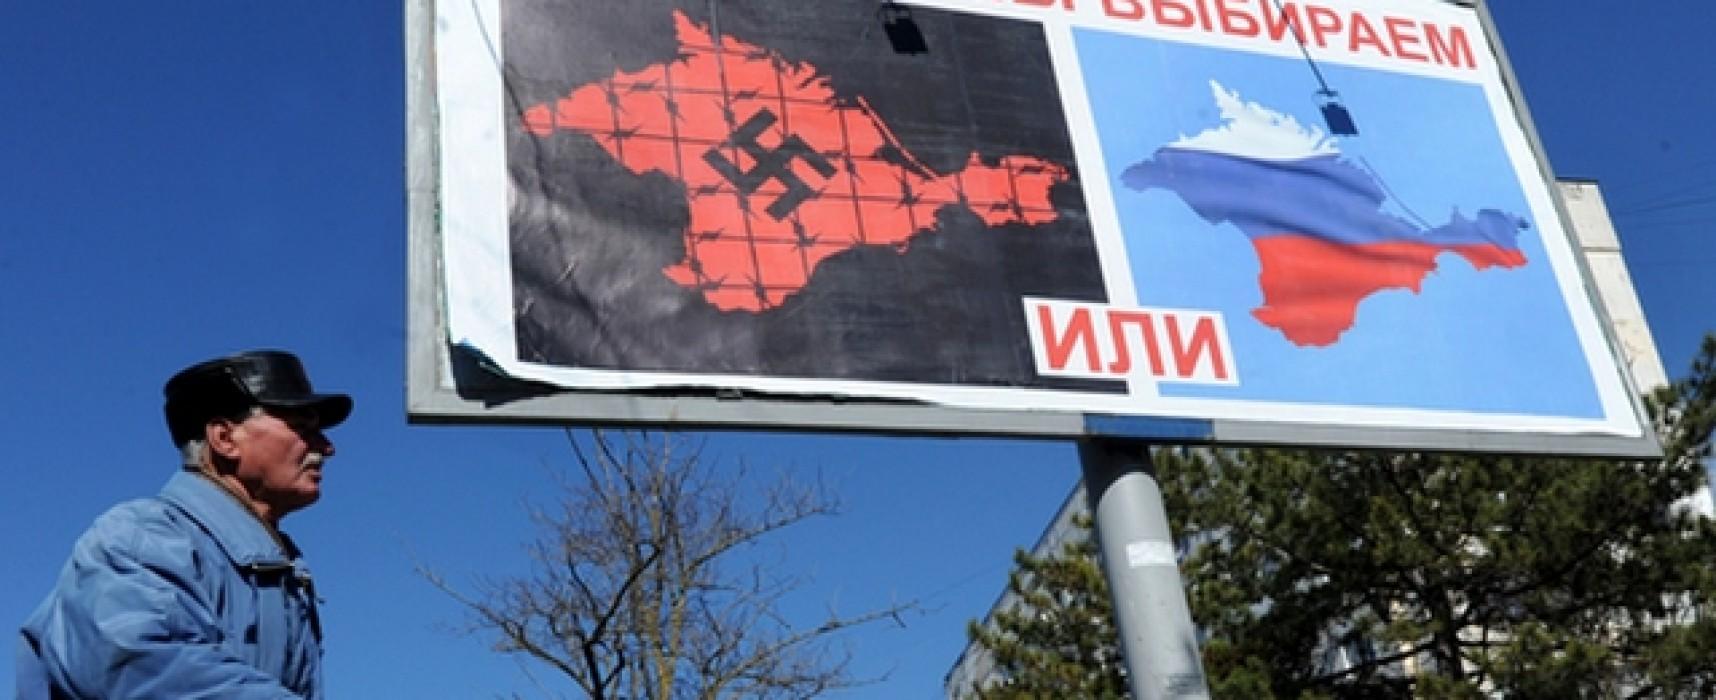 Олеся Яхно: Почему российская пропаганда работает